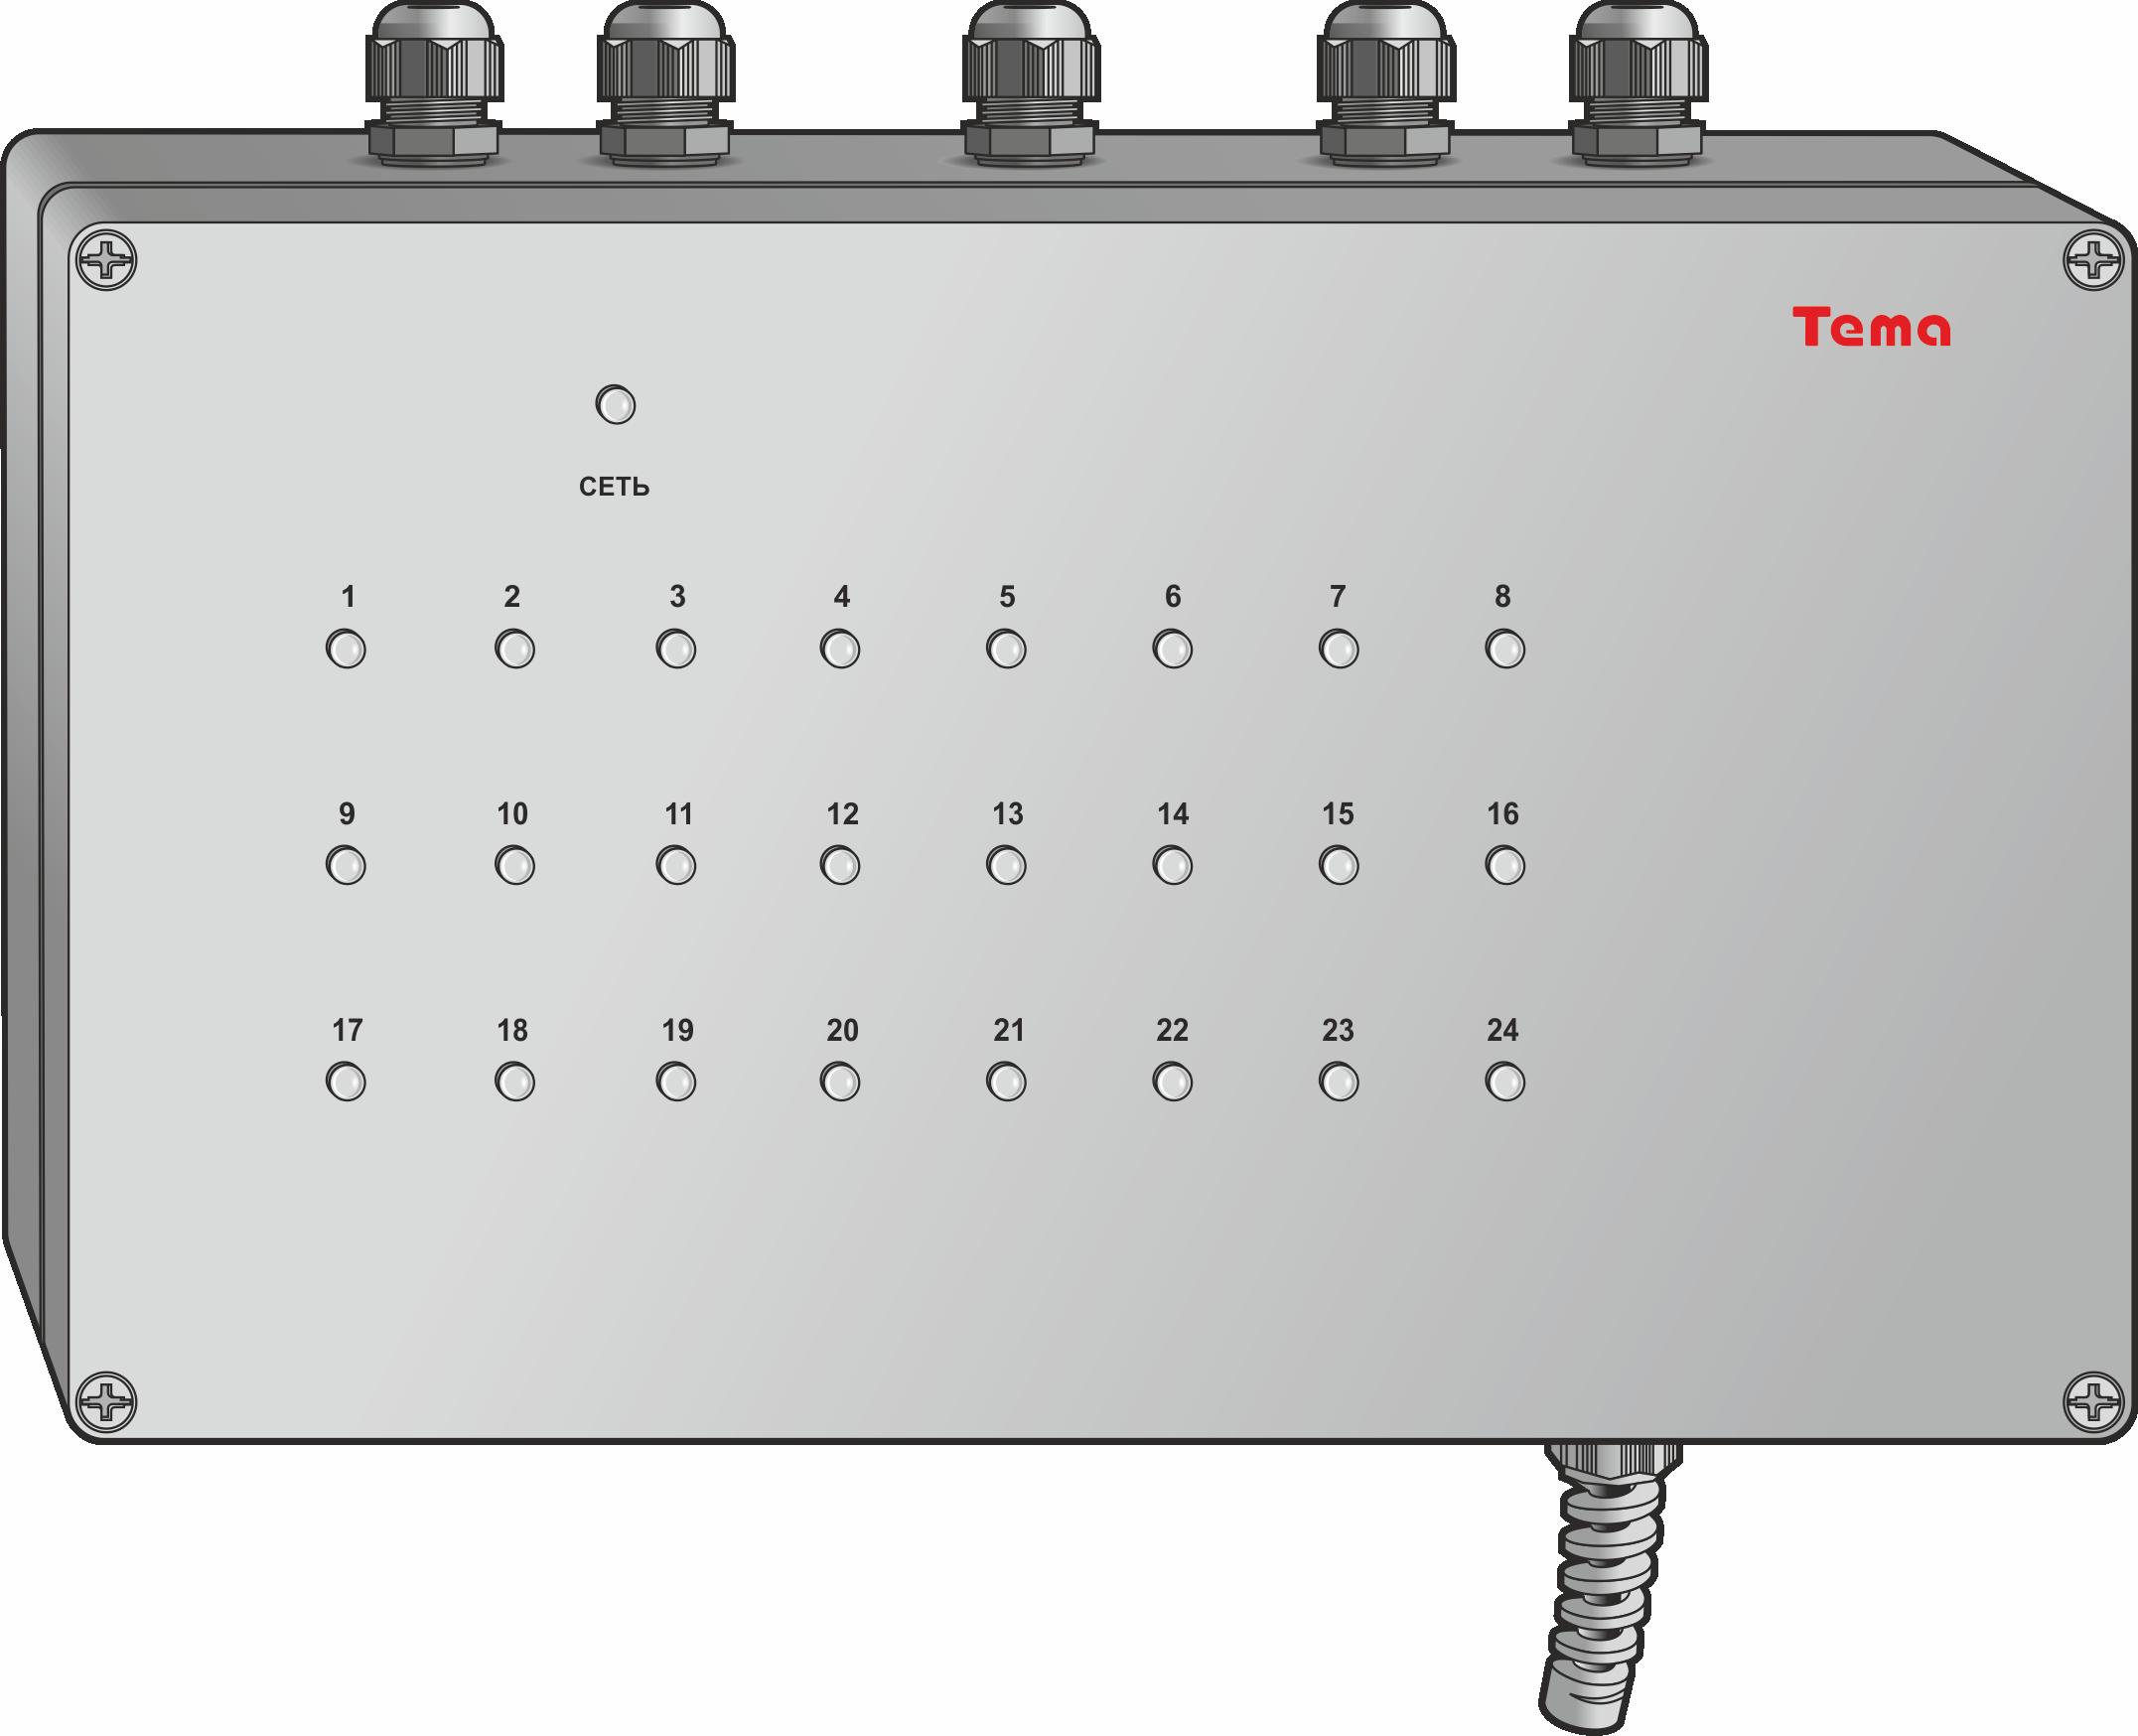 Коммутатор Tema-APM240.02-220-m65